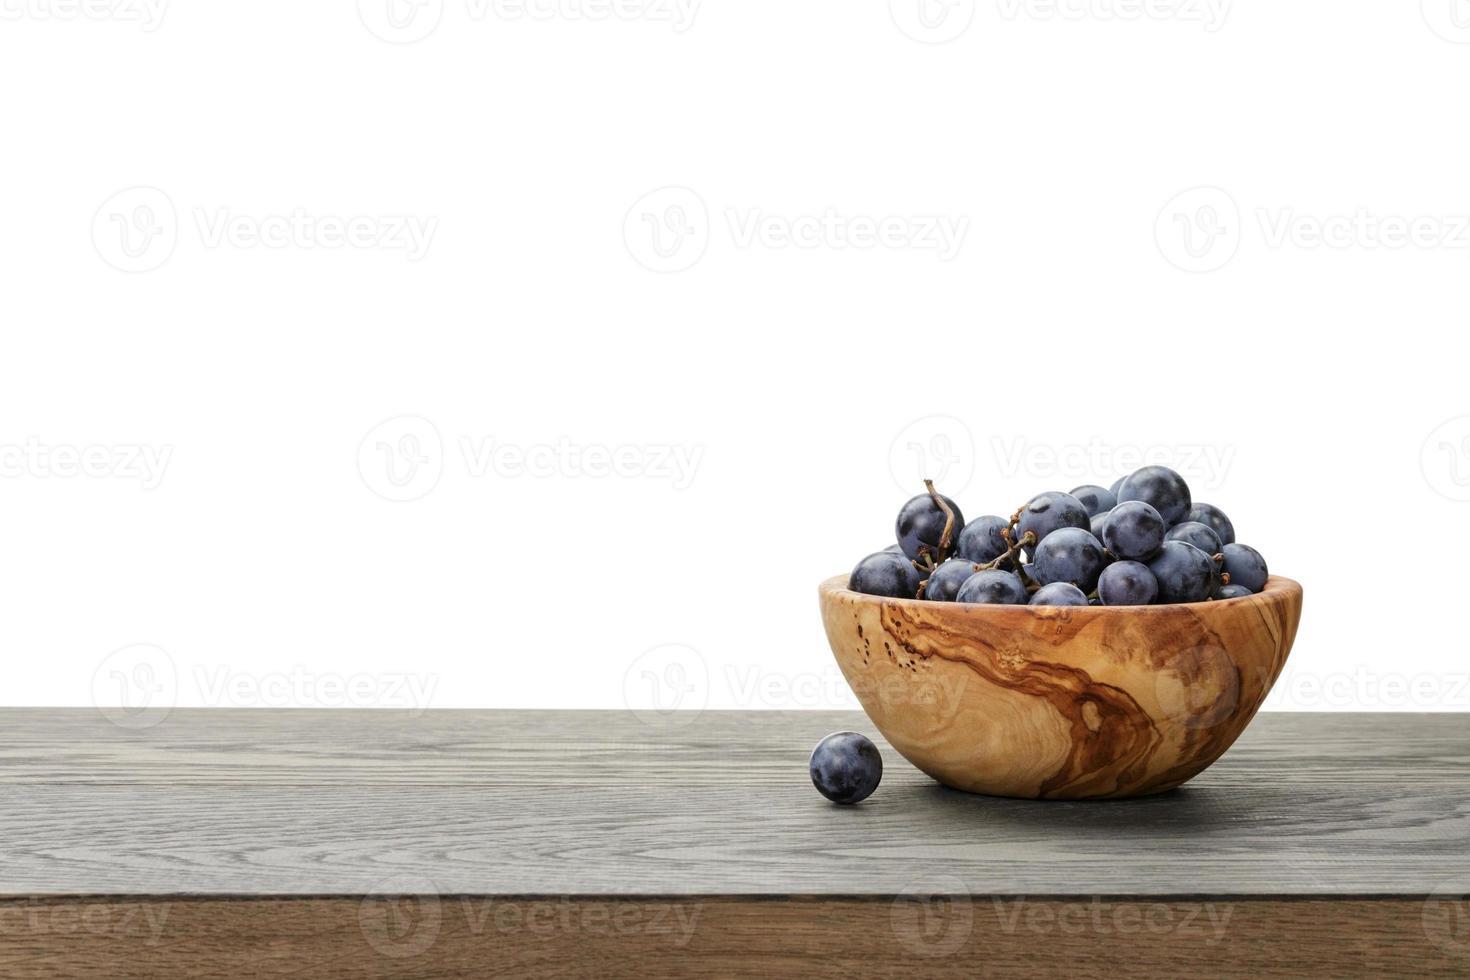 uva isabella in ciotola di legno sul tavolo, compostaggio di confine foto